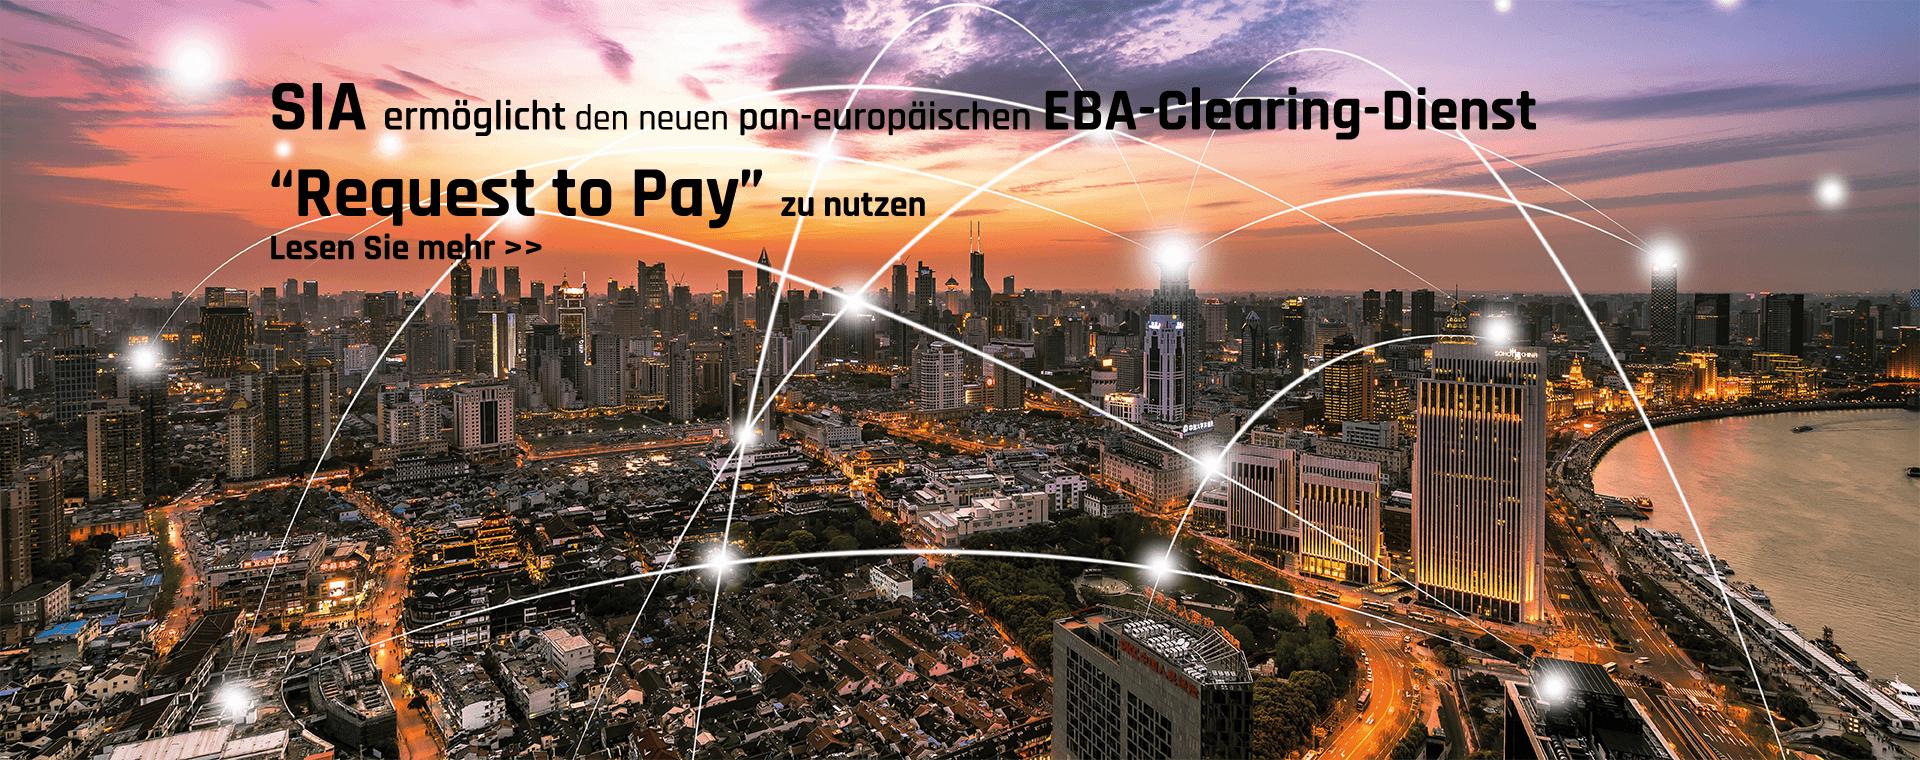 """SIA ermöglicht Banken, Unternehmen, öffentliche Einrichtungen und Fintechs den neuen pan-europäischen EBA-Clearing-Dienst """"Request to Pay"""" (Zahlungsaufforderung) zu nutzen"""